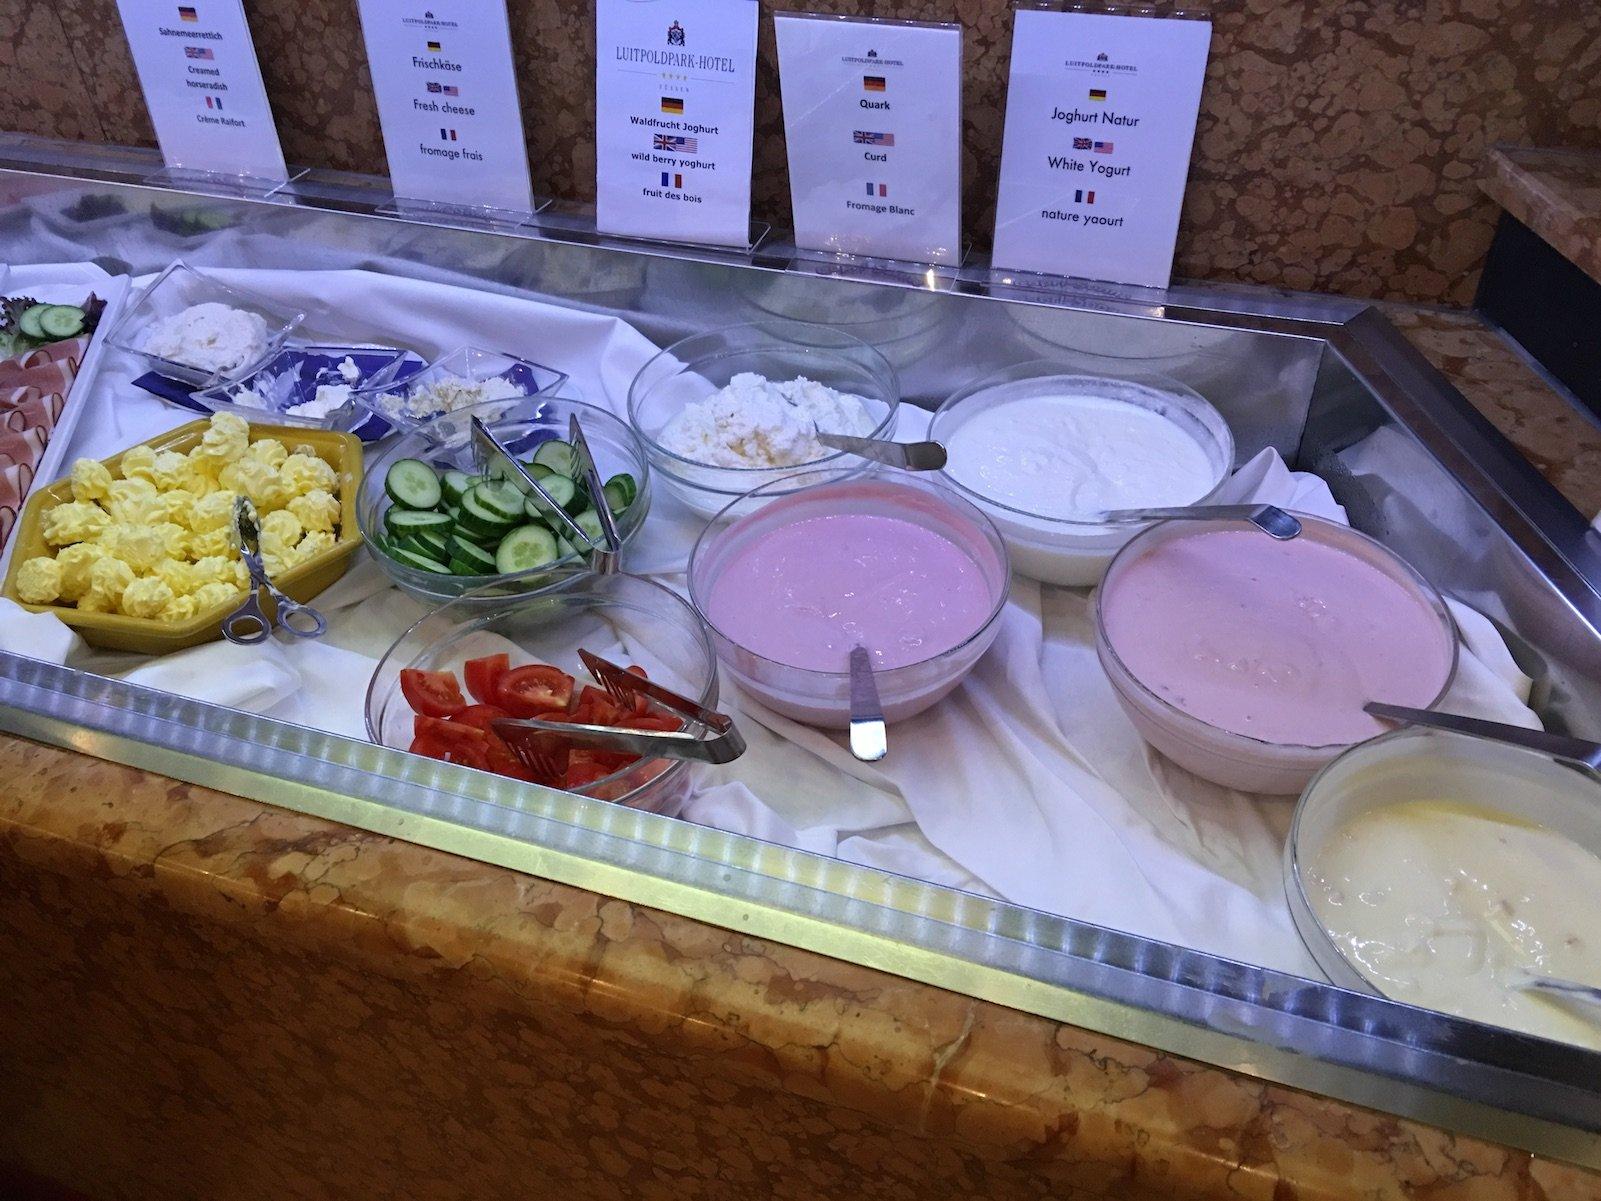 Jogurt, Butter, Frischkäse und Quark zum Frühstück im Luitpoldpark-Hotel Füssen